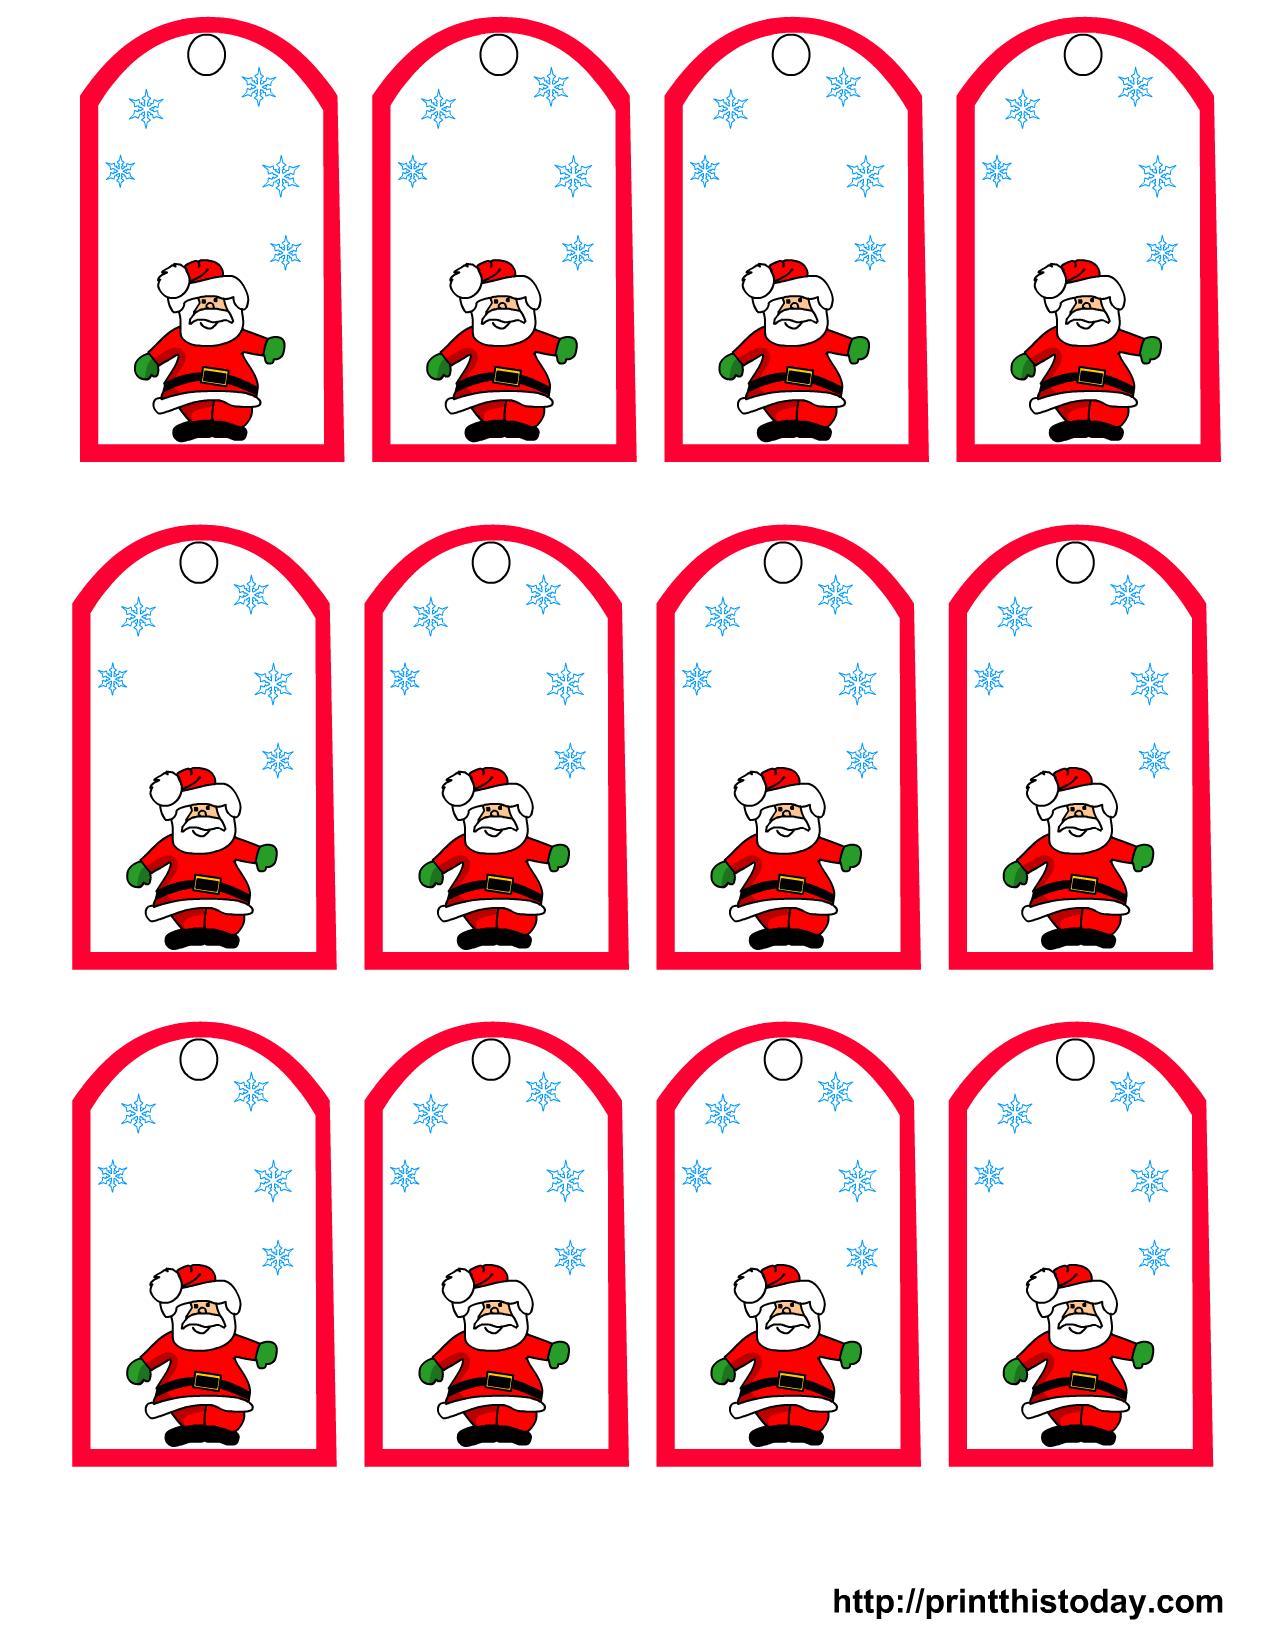 Santa Claus And Snowflakes, Free Printable Christmas Gift Tags - Free Printable Editable Christmas Gift Tags